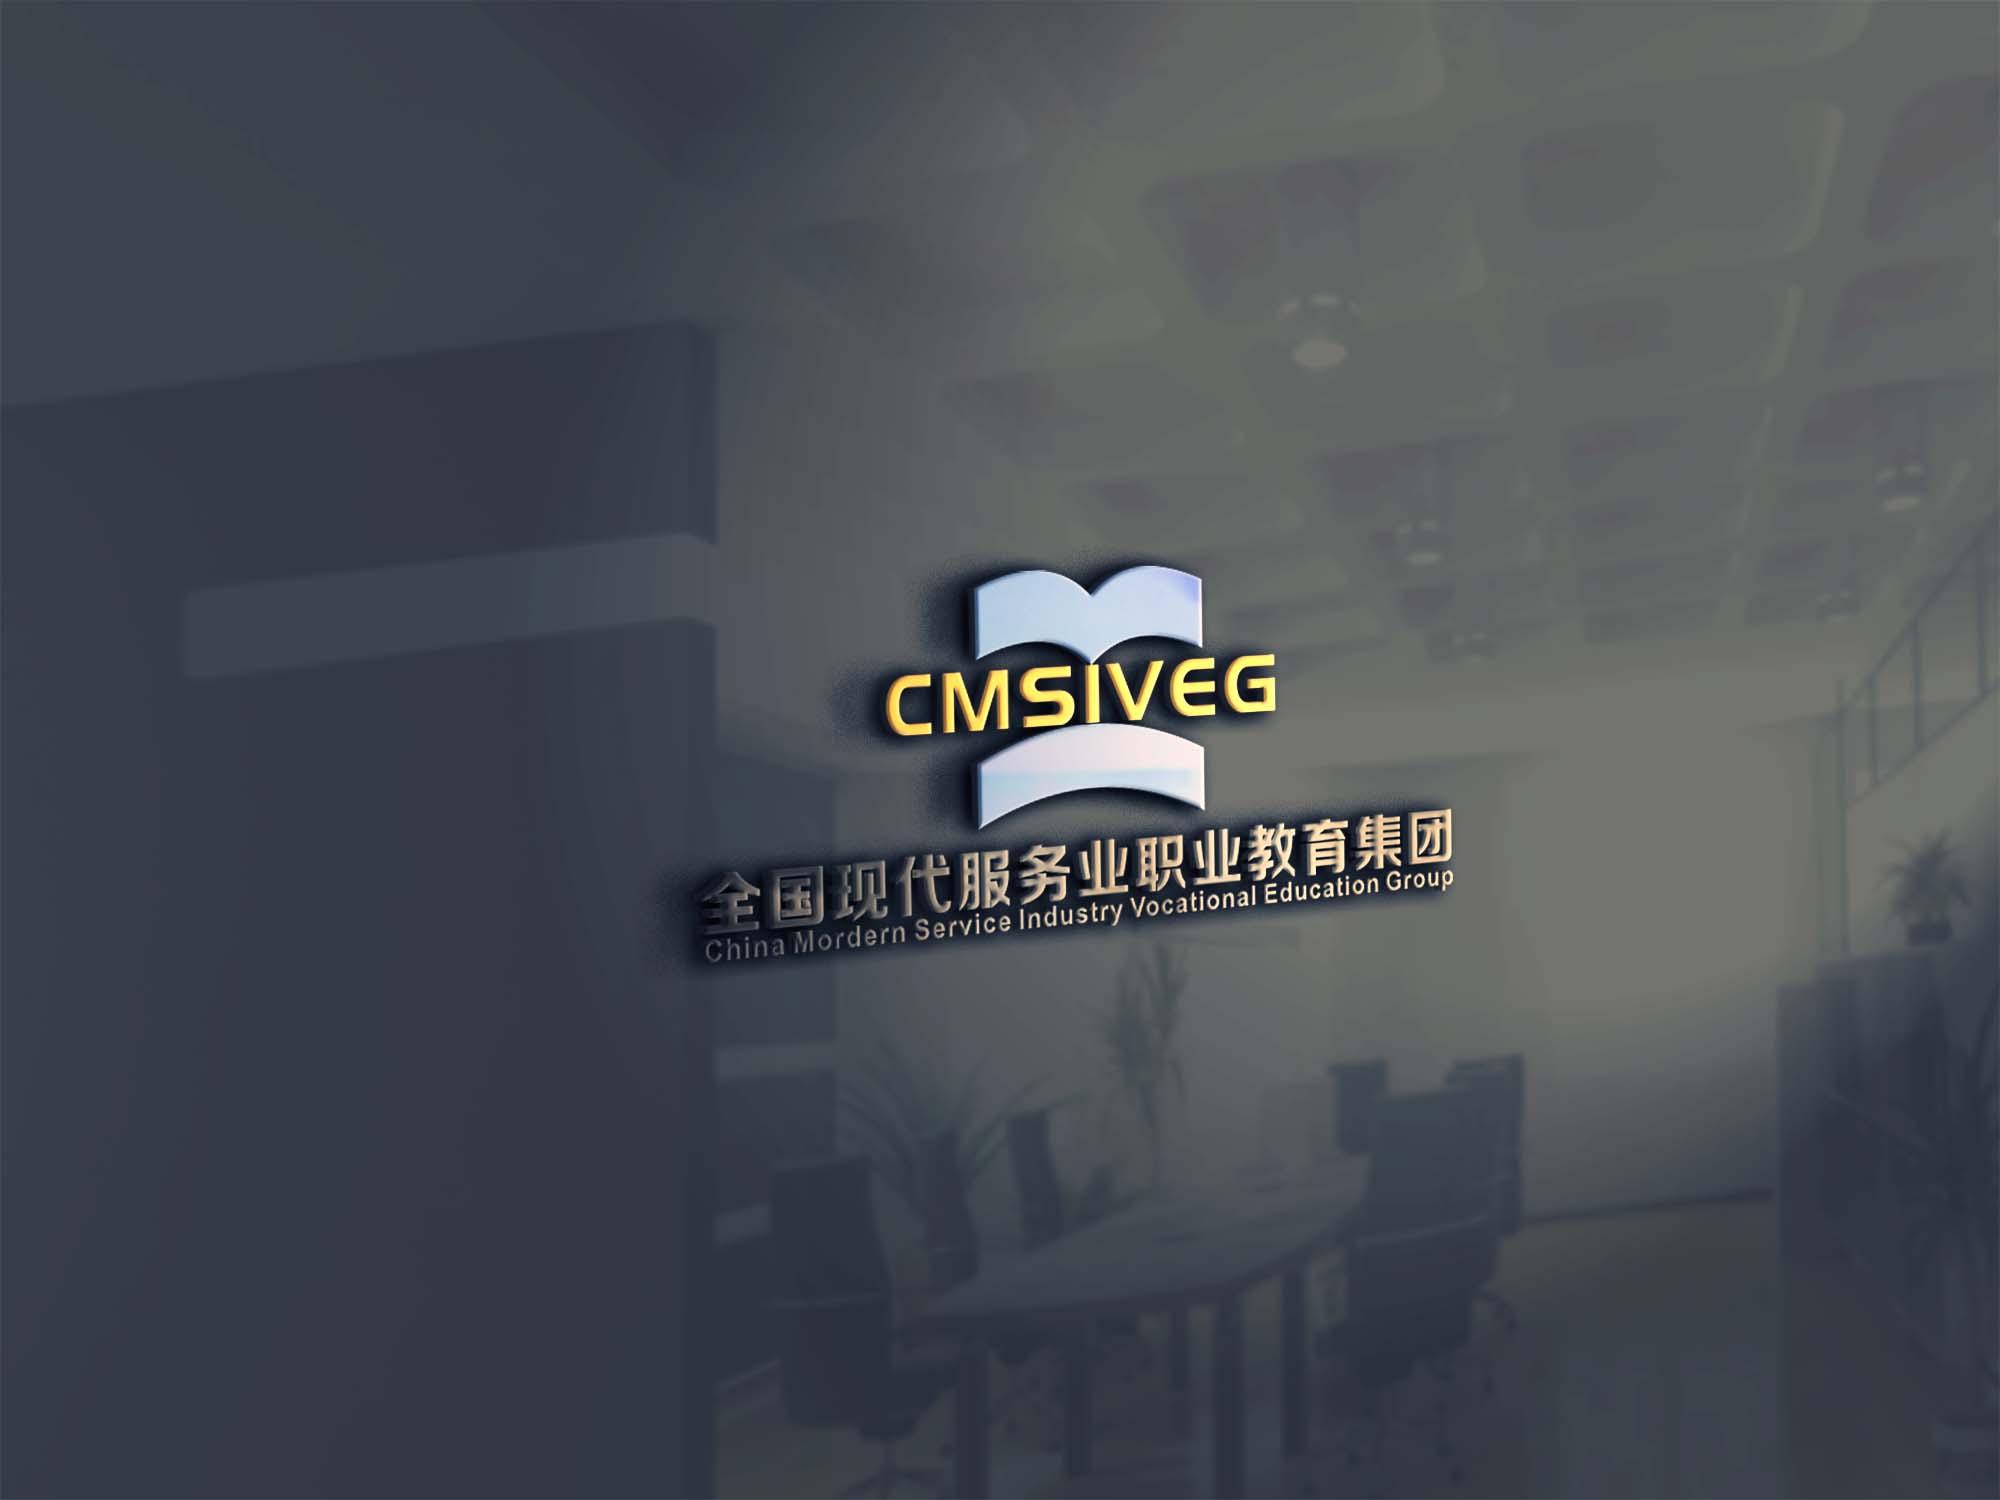 全国现代服务业职业教育集团logo设计_2946523_k68威客网